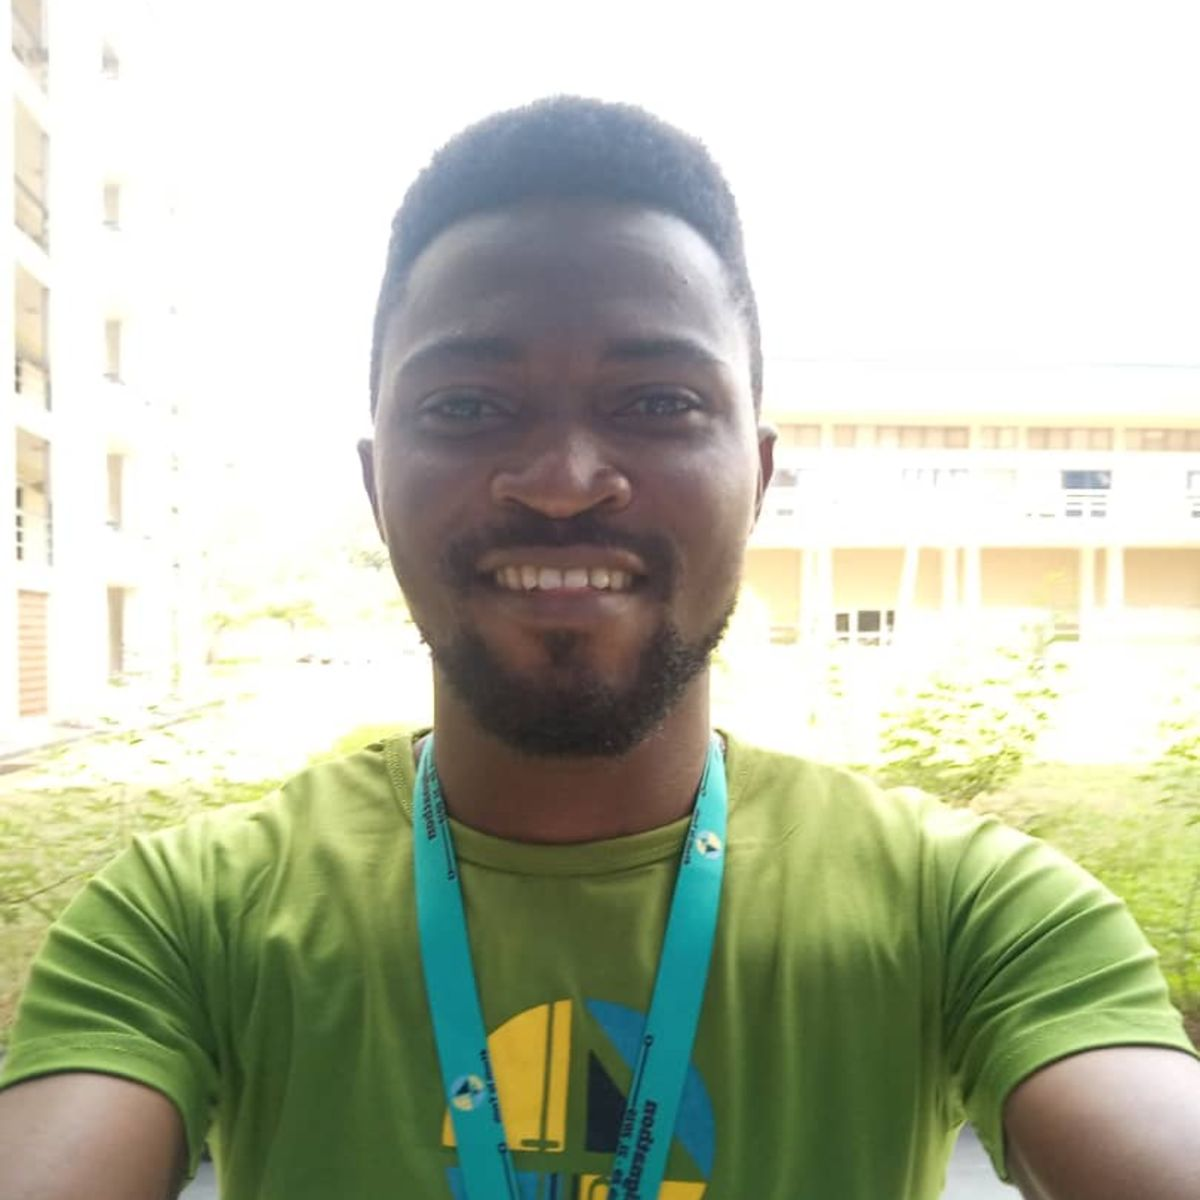 Adewale Adeyemi Ogunnaike